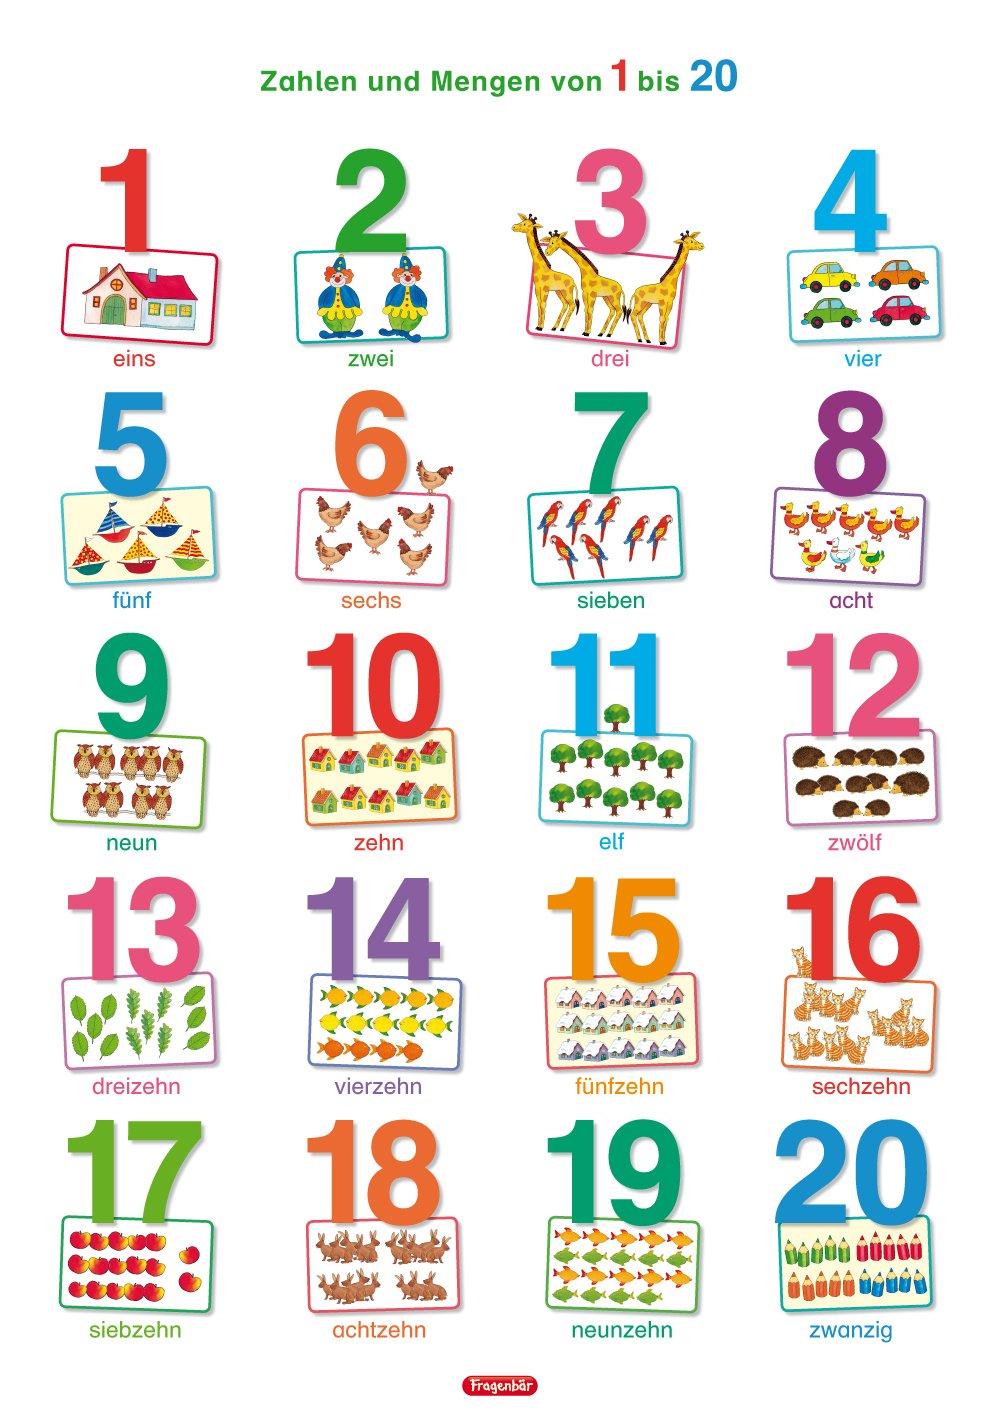 Fragenbär-Lernposter: Zahlen und Mengen von 1 bis 20, L 70 x 100 cm: Gerollt, matt folienbeschichtet, abwischbar (Lerne mehr mit Fragenbär)